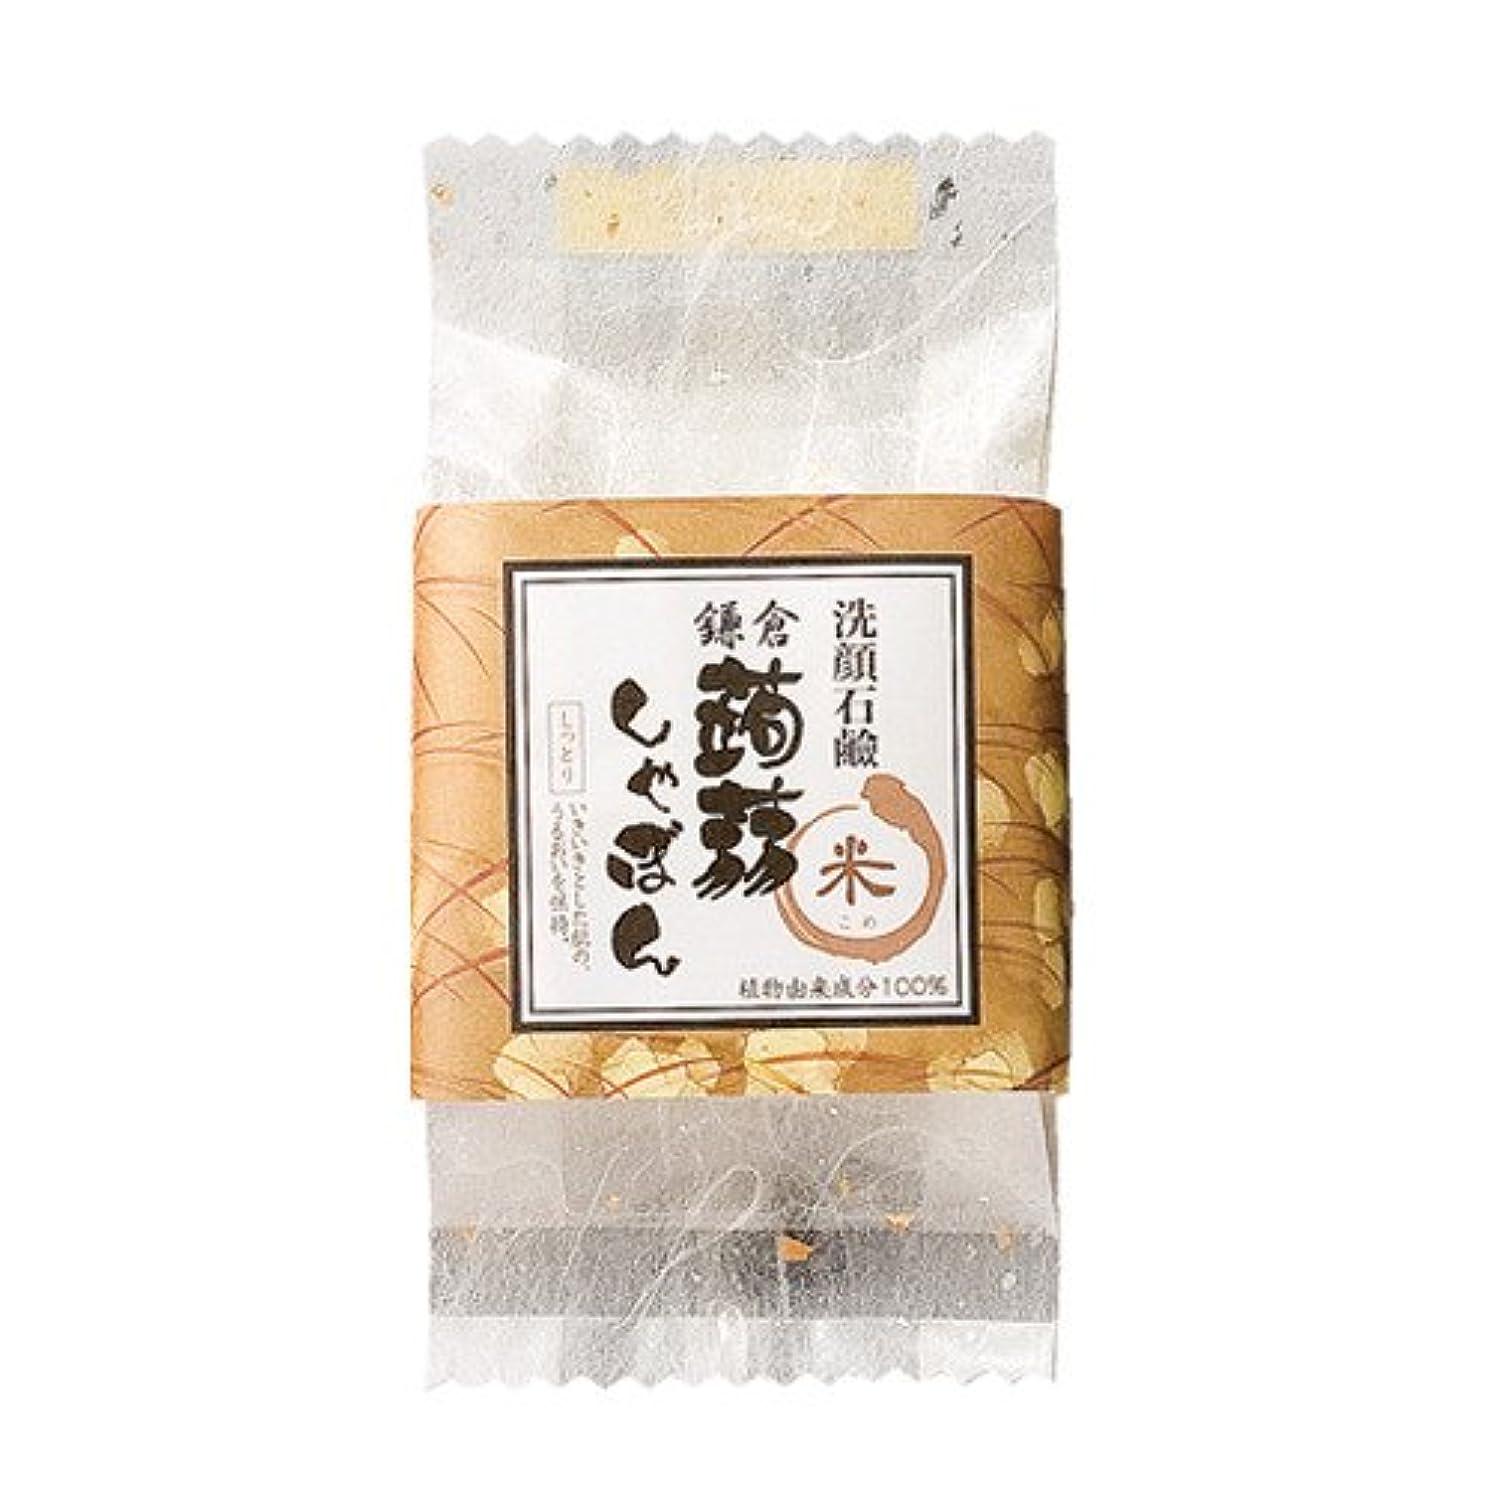 中にさわやかピストン鎌倉 蒟蒻しゃぼん 米